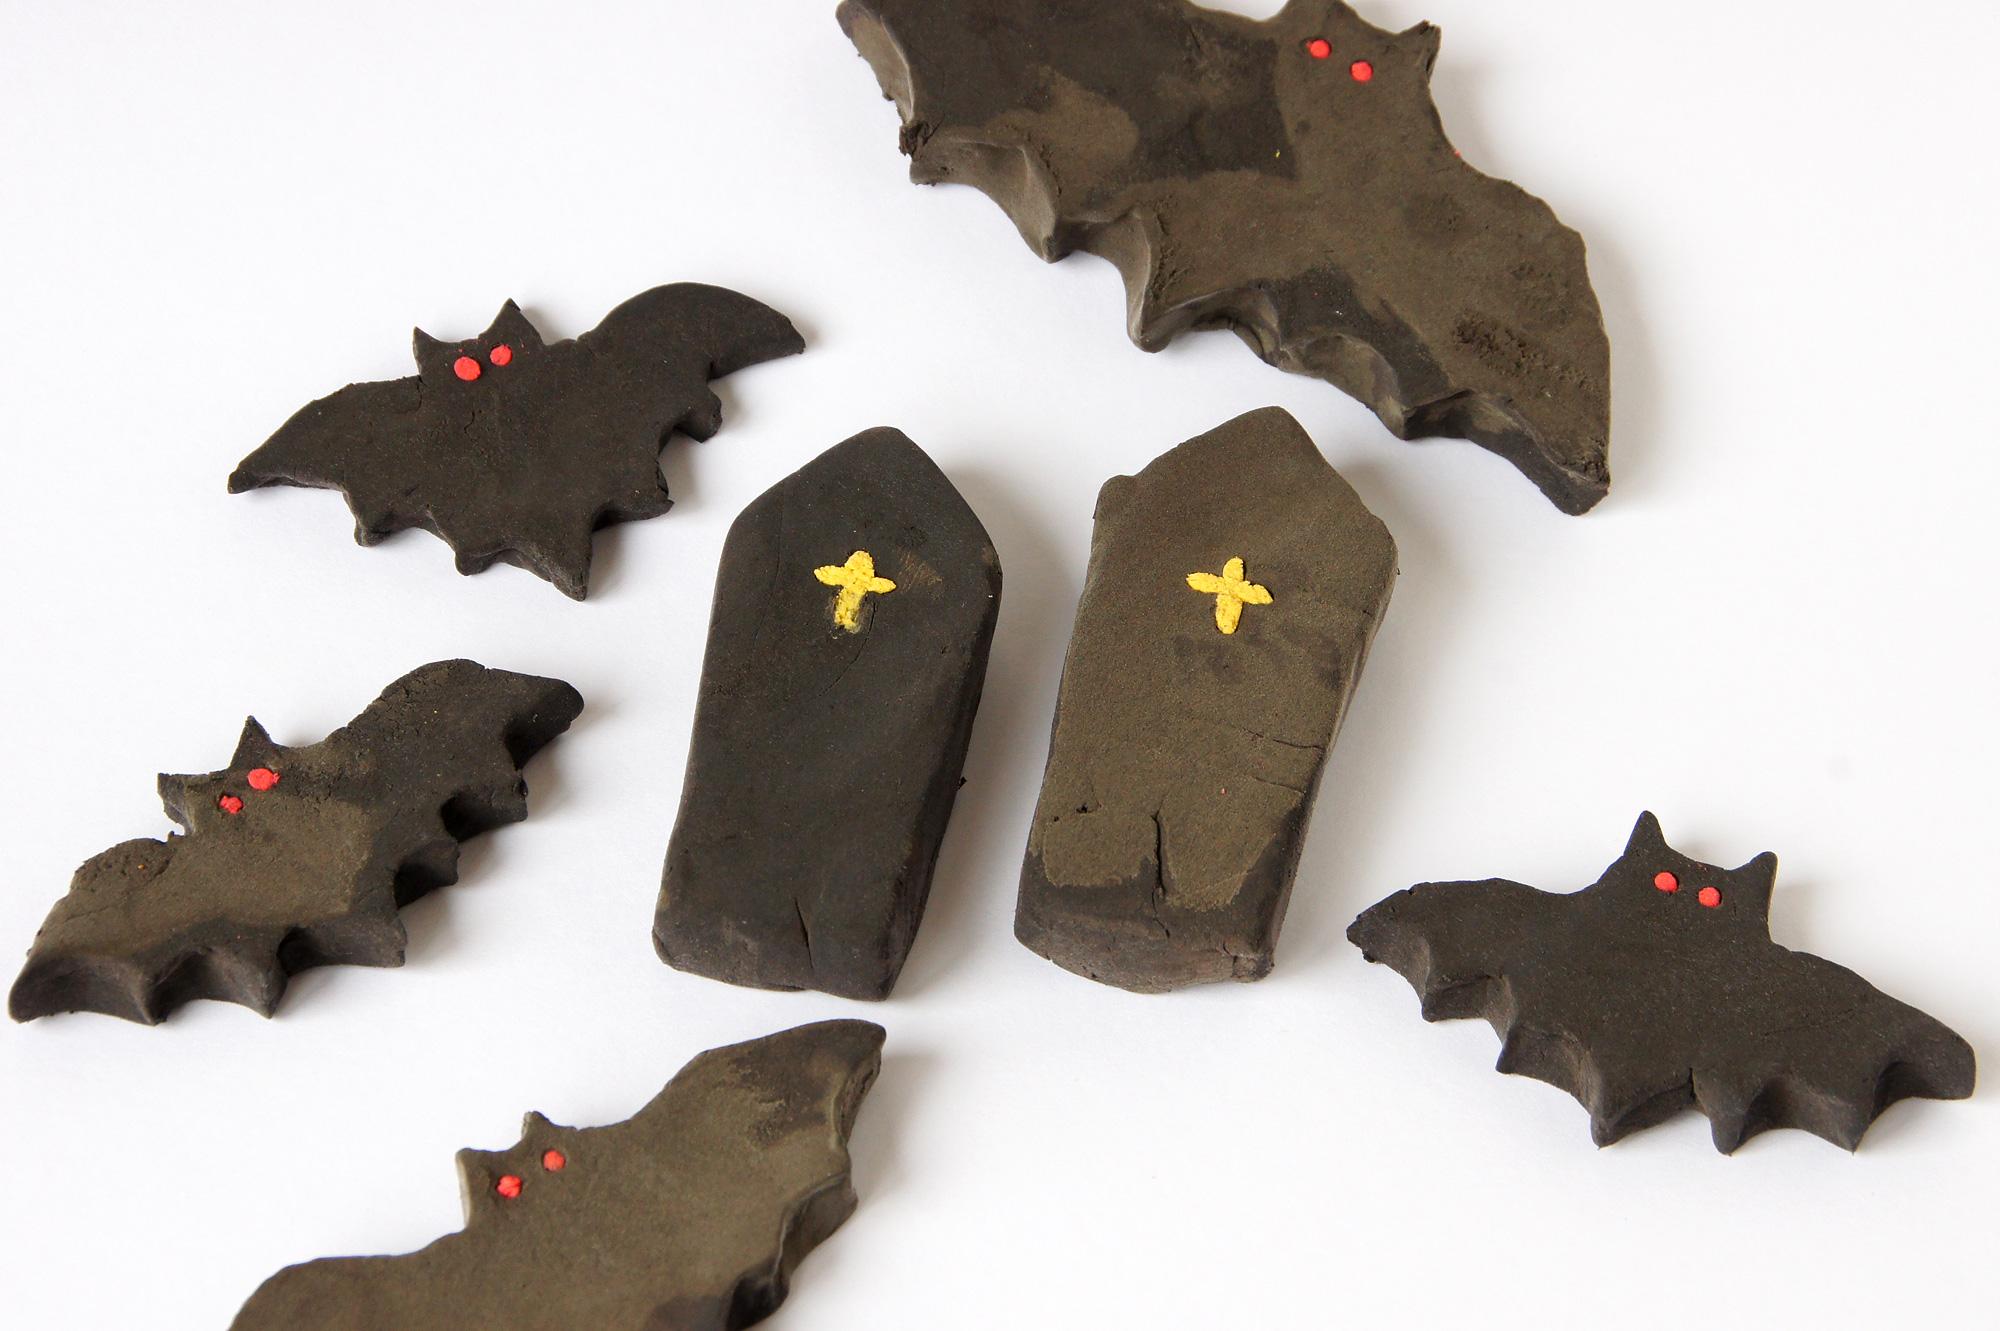 粘土のコウモリと棺